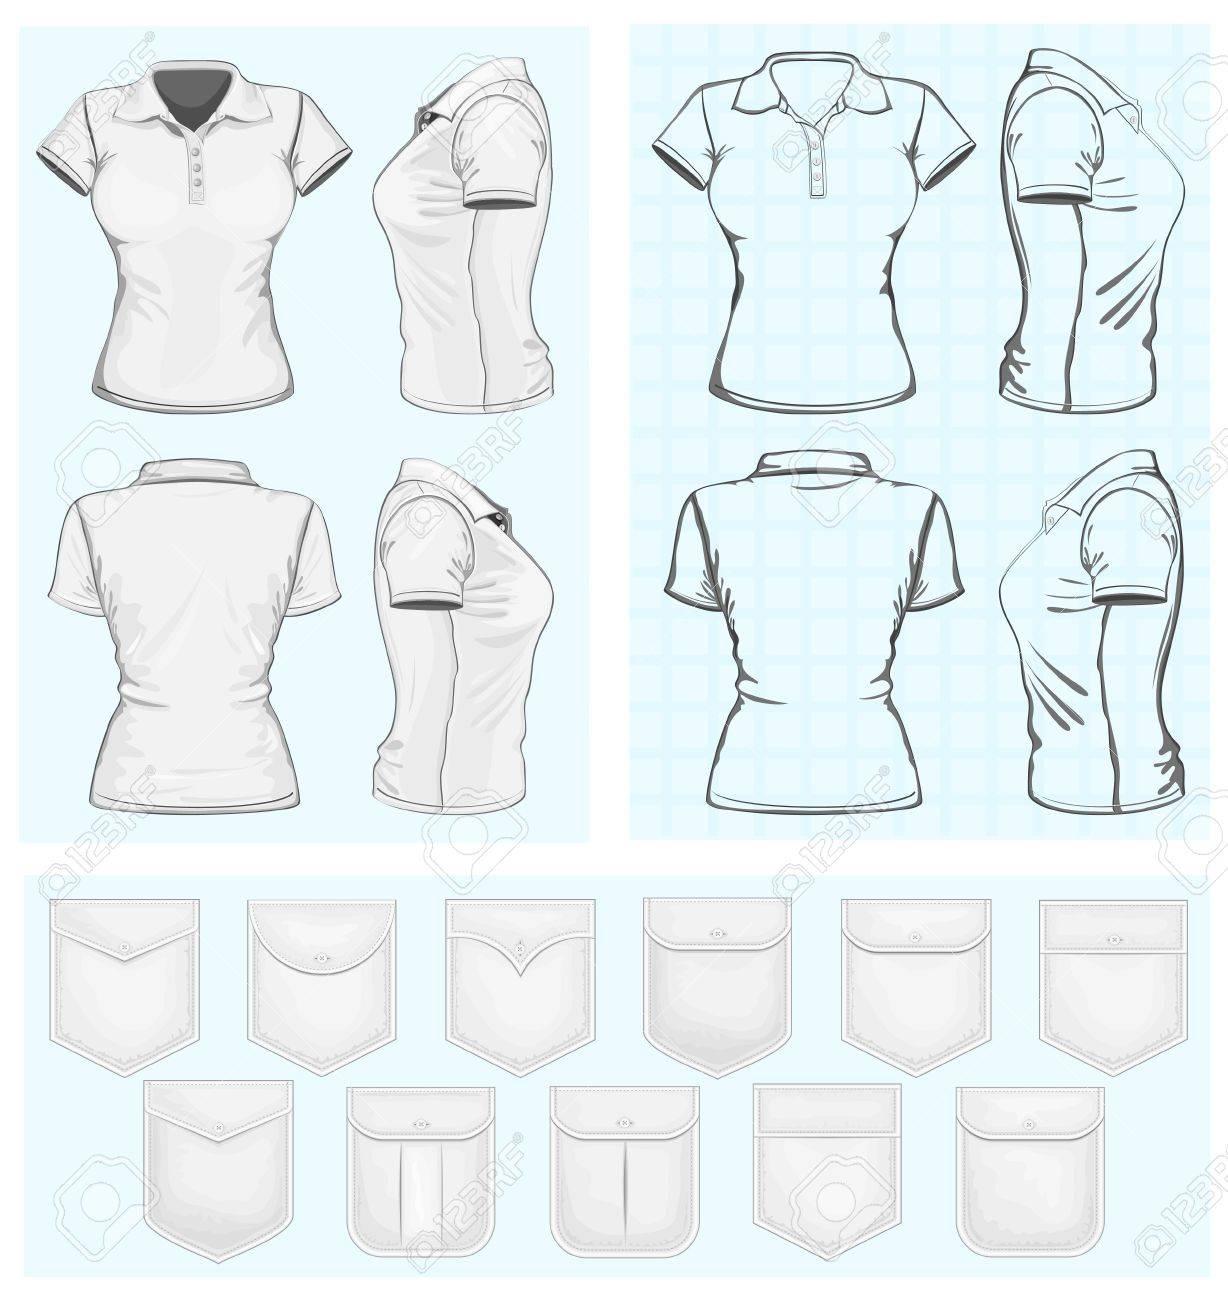 Mujeres Camiseta Polo Shirts Plantillas De Diseño Ilustraciones ...